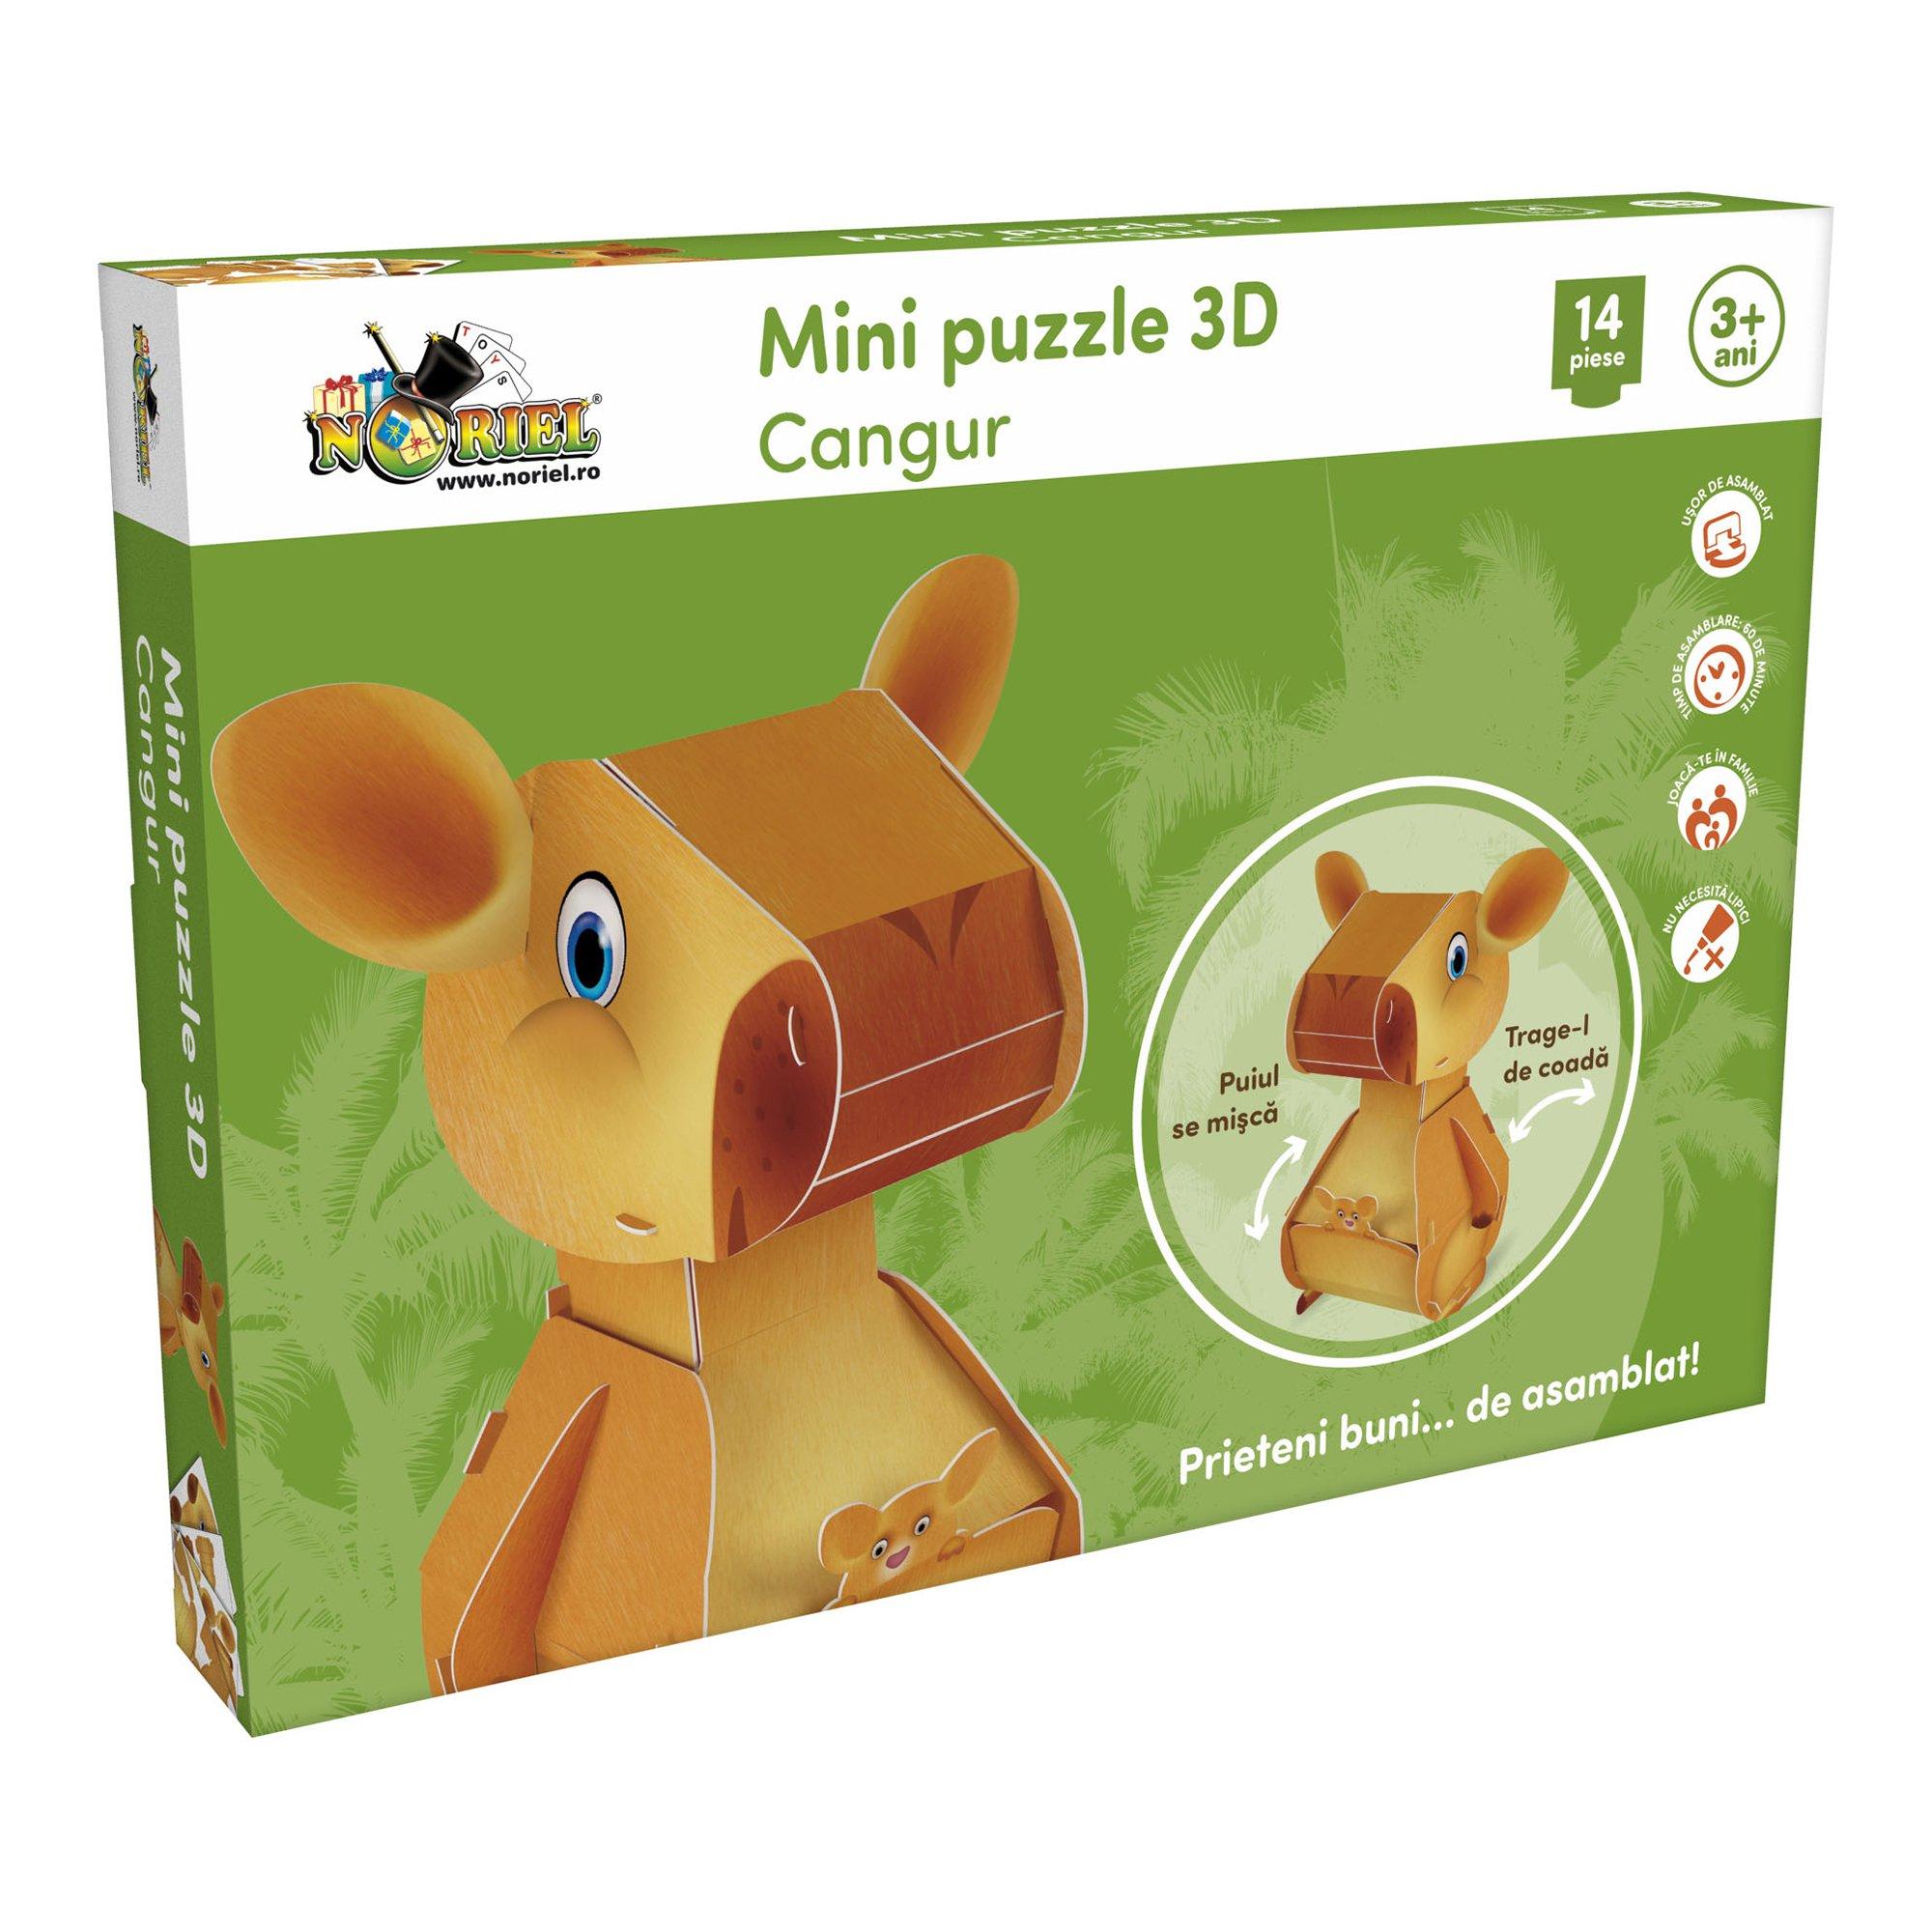 mini puzzle 3d noriel - cangur, 14 piese